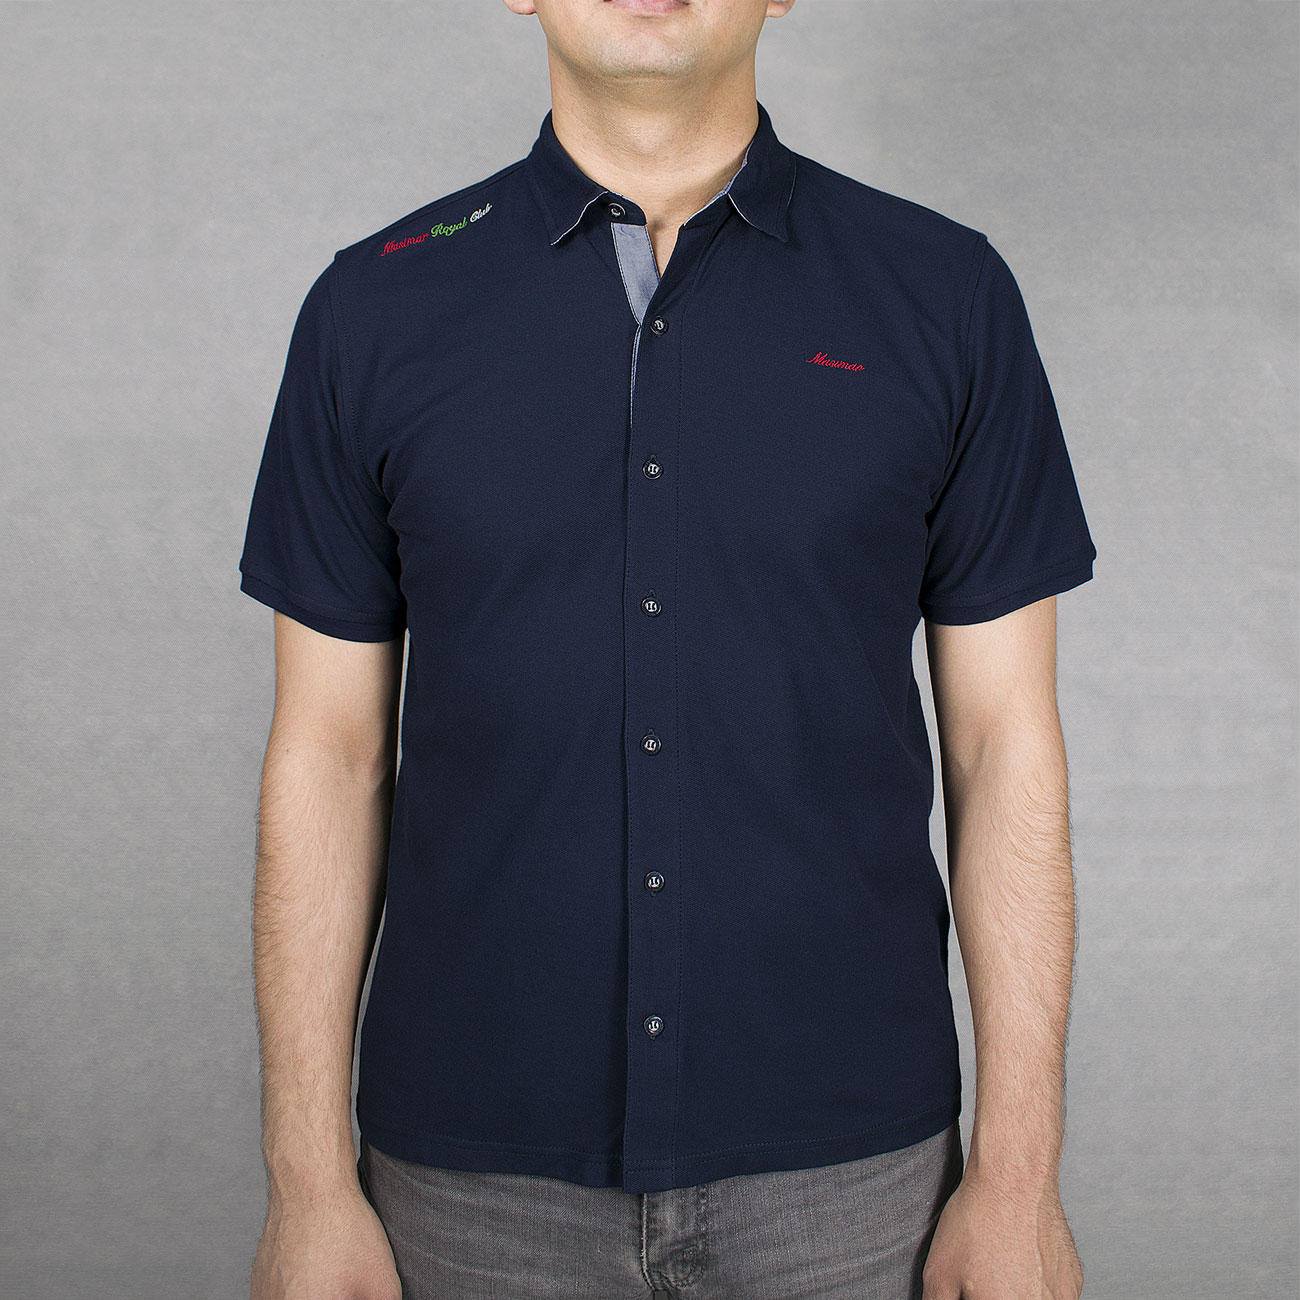 Рубашка-поло Masimar 16465